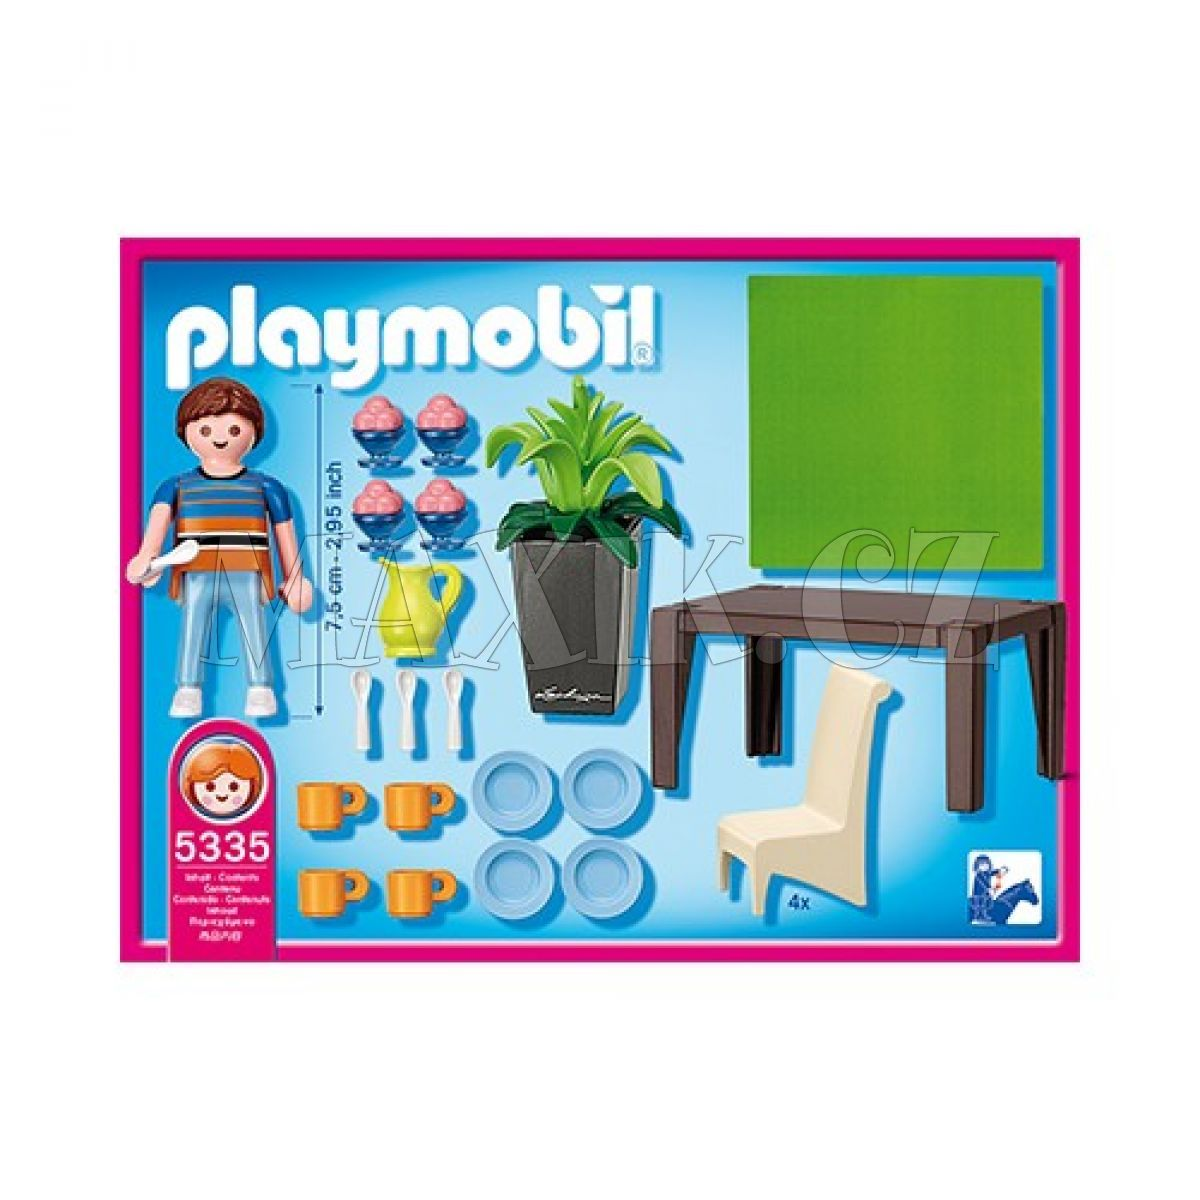 Playmobil 5335 j delna max kovy hra ky for Playmobil schickes esszimmer 5335